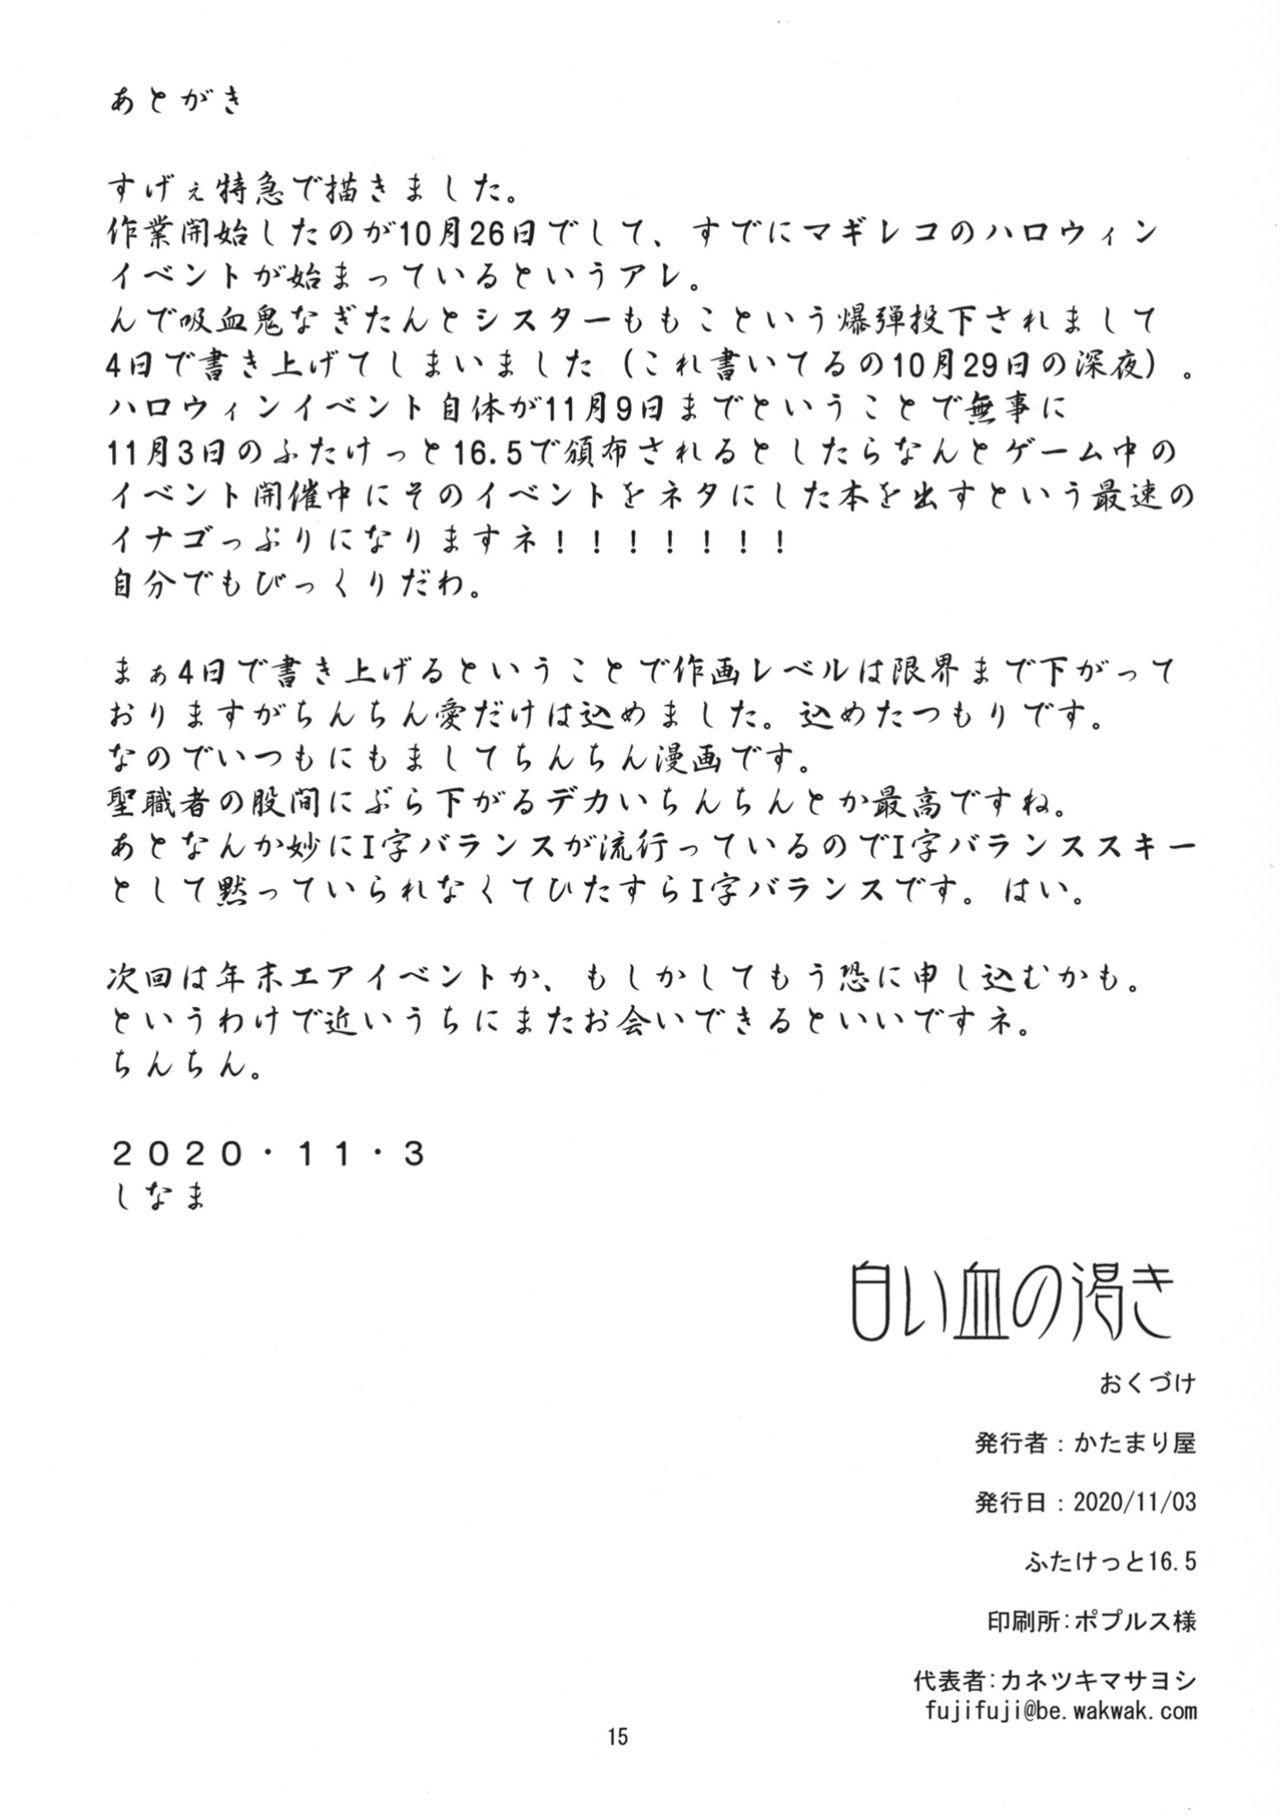 Shiroi chinokawaki 14